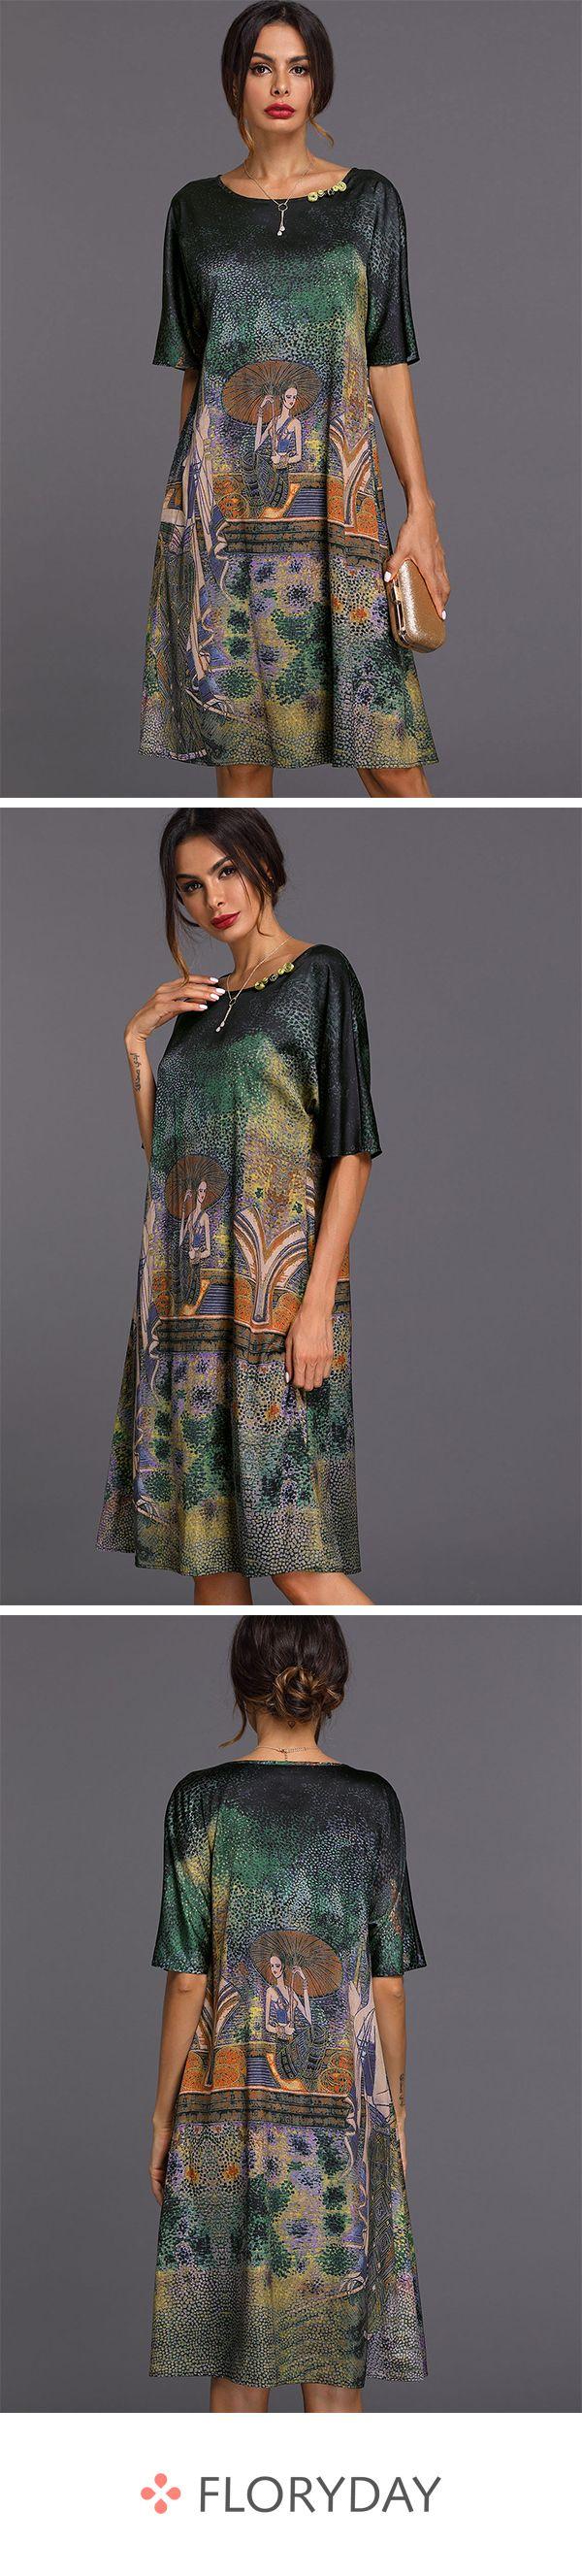 A-Linien-Kleider mit geometrischen Applikationen und halblangen Ärmel #kleidersale